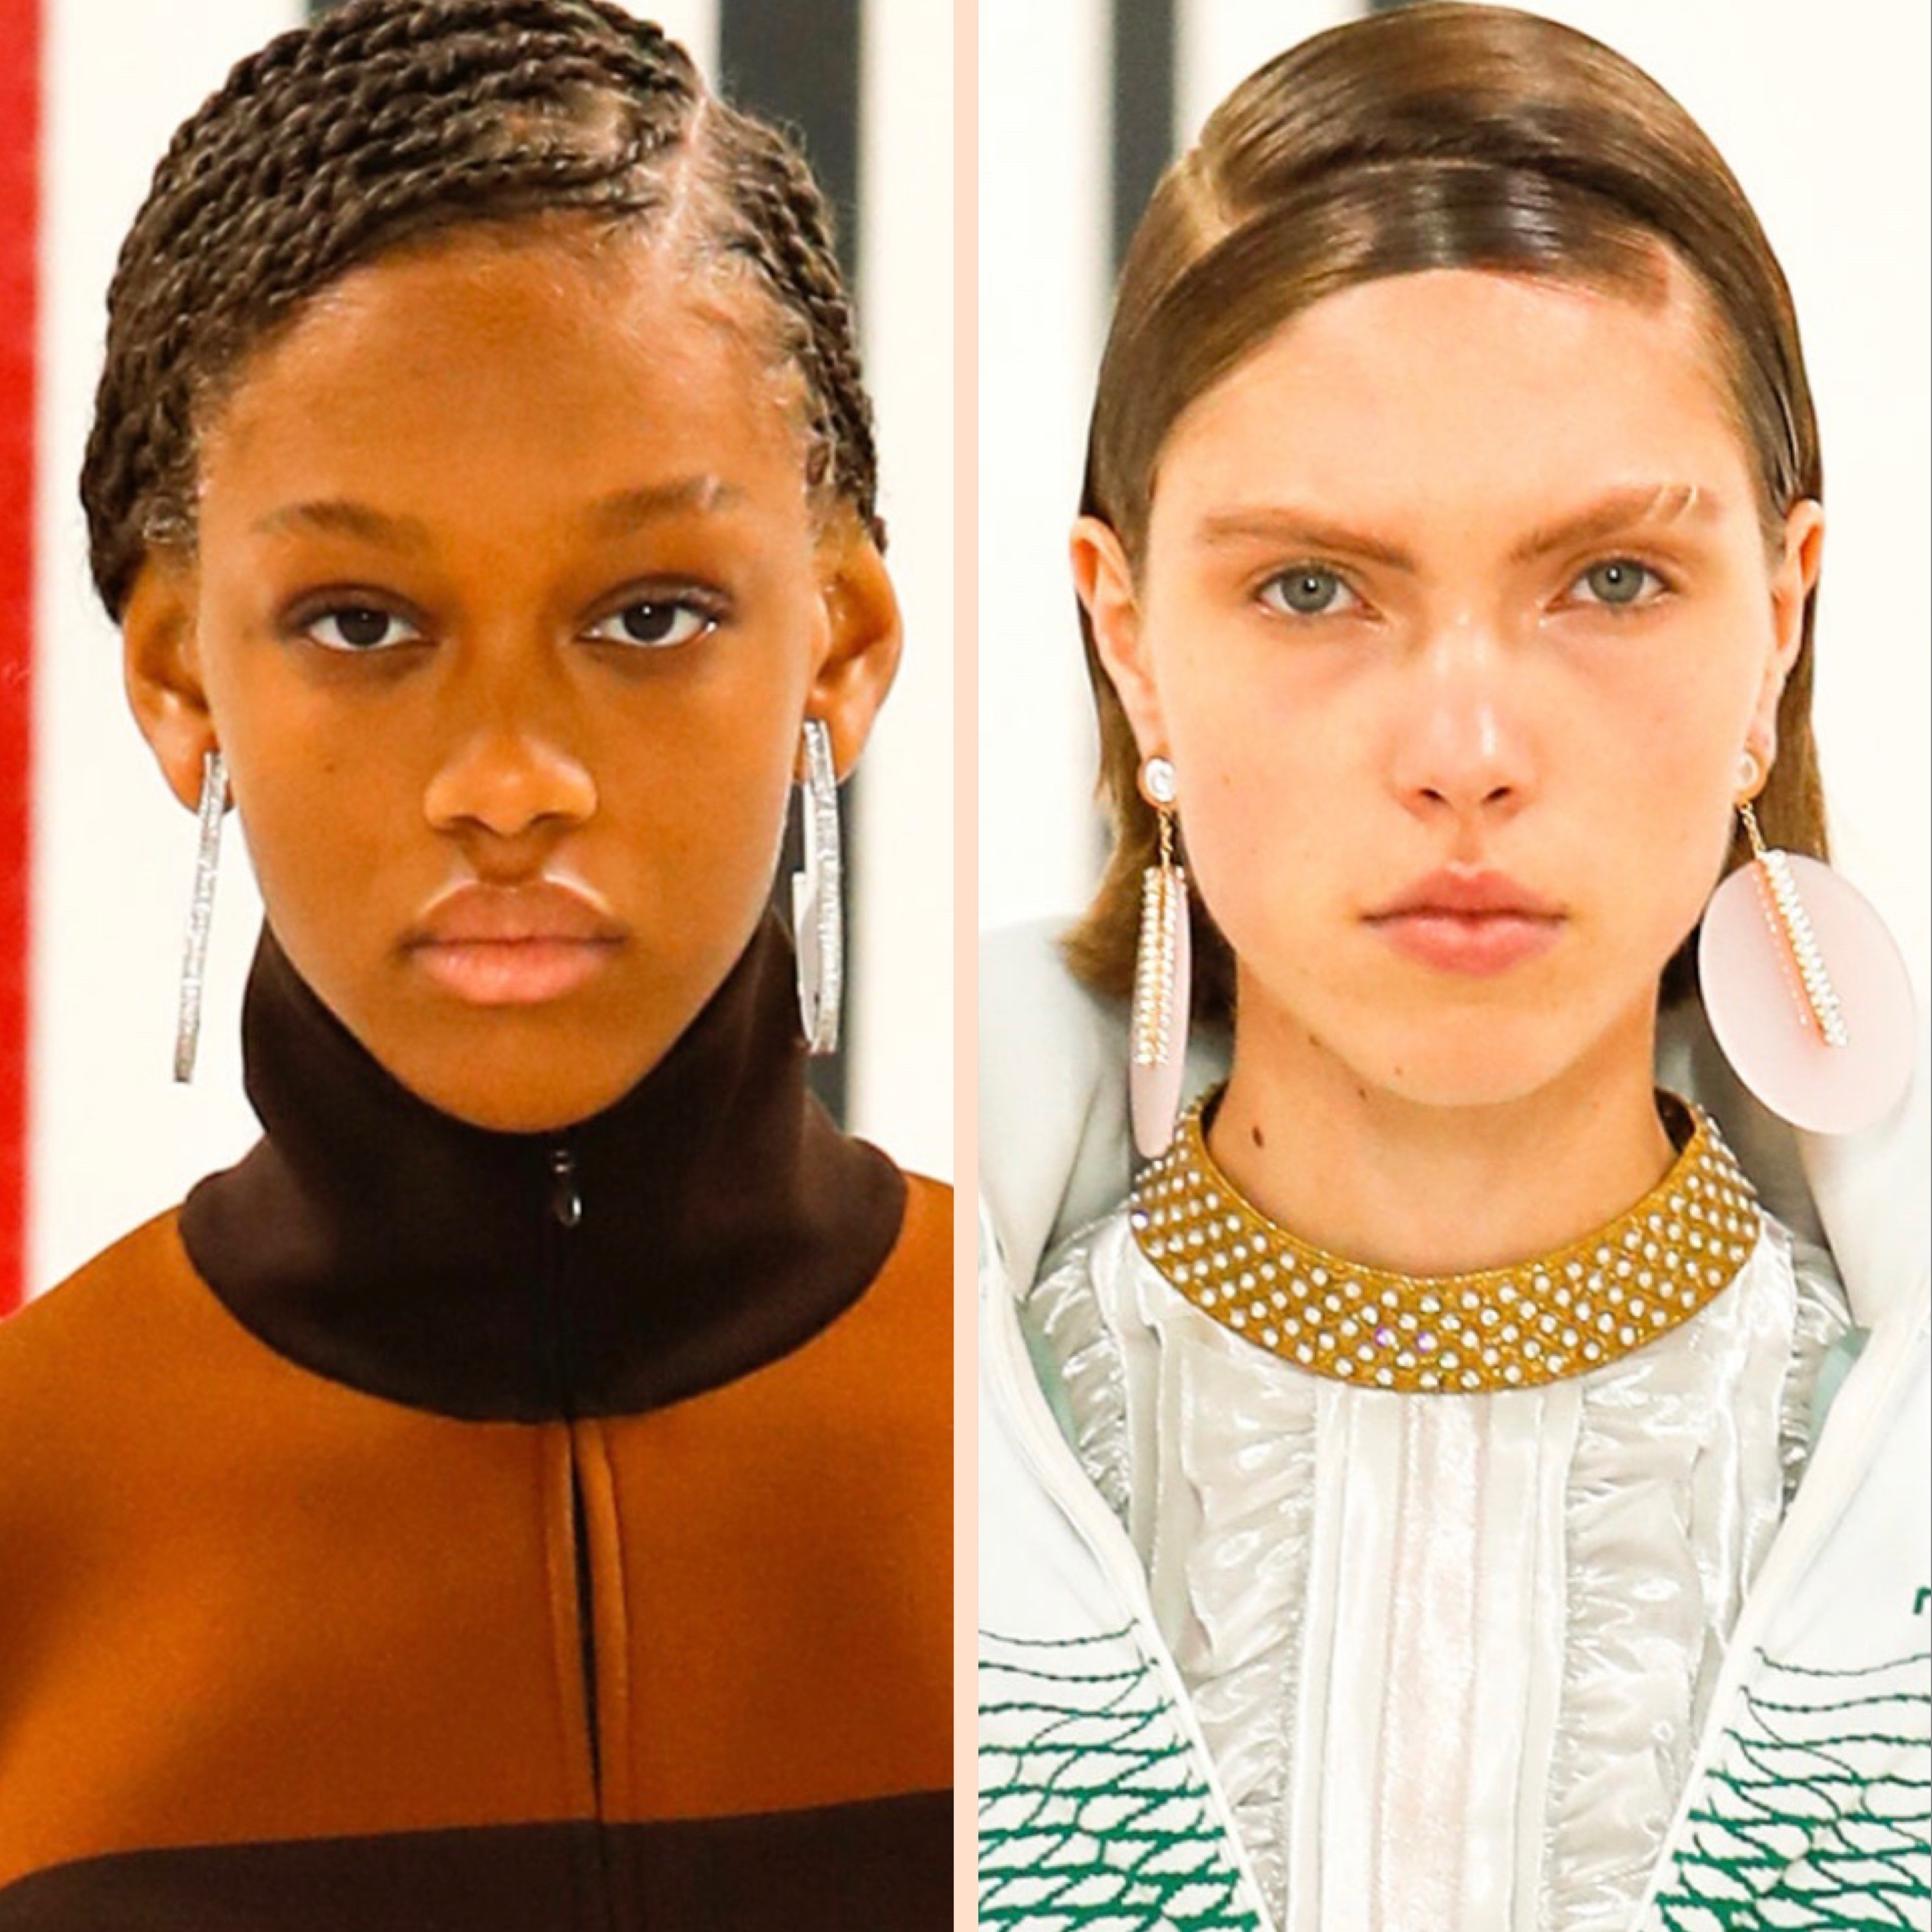 Semana de moda de Paris: Miu Miu (Foto: Divulgação )